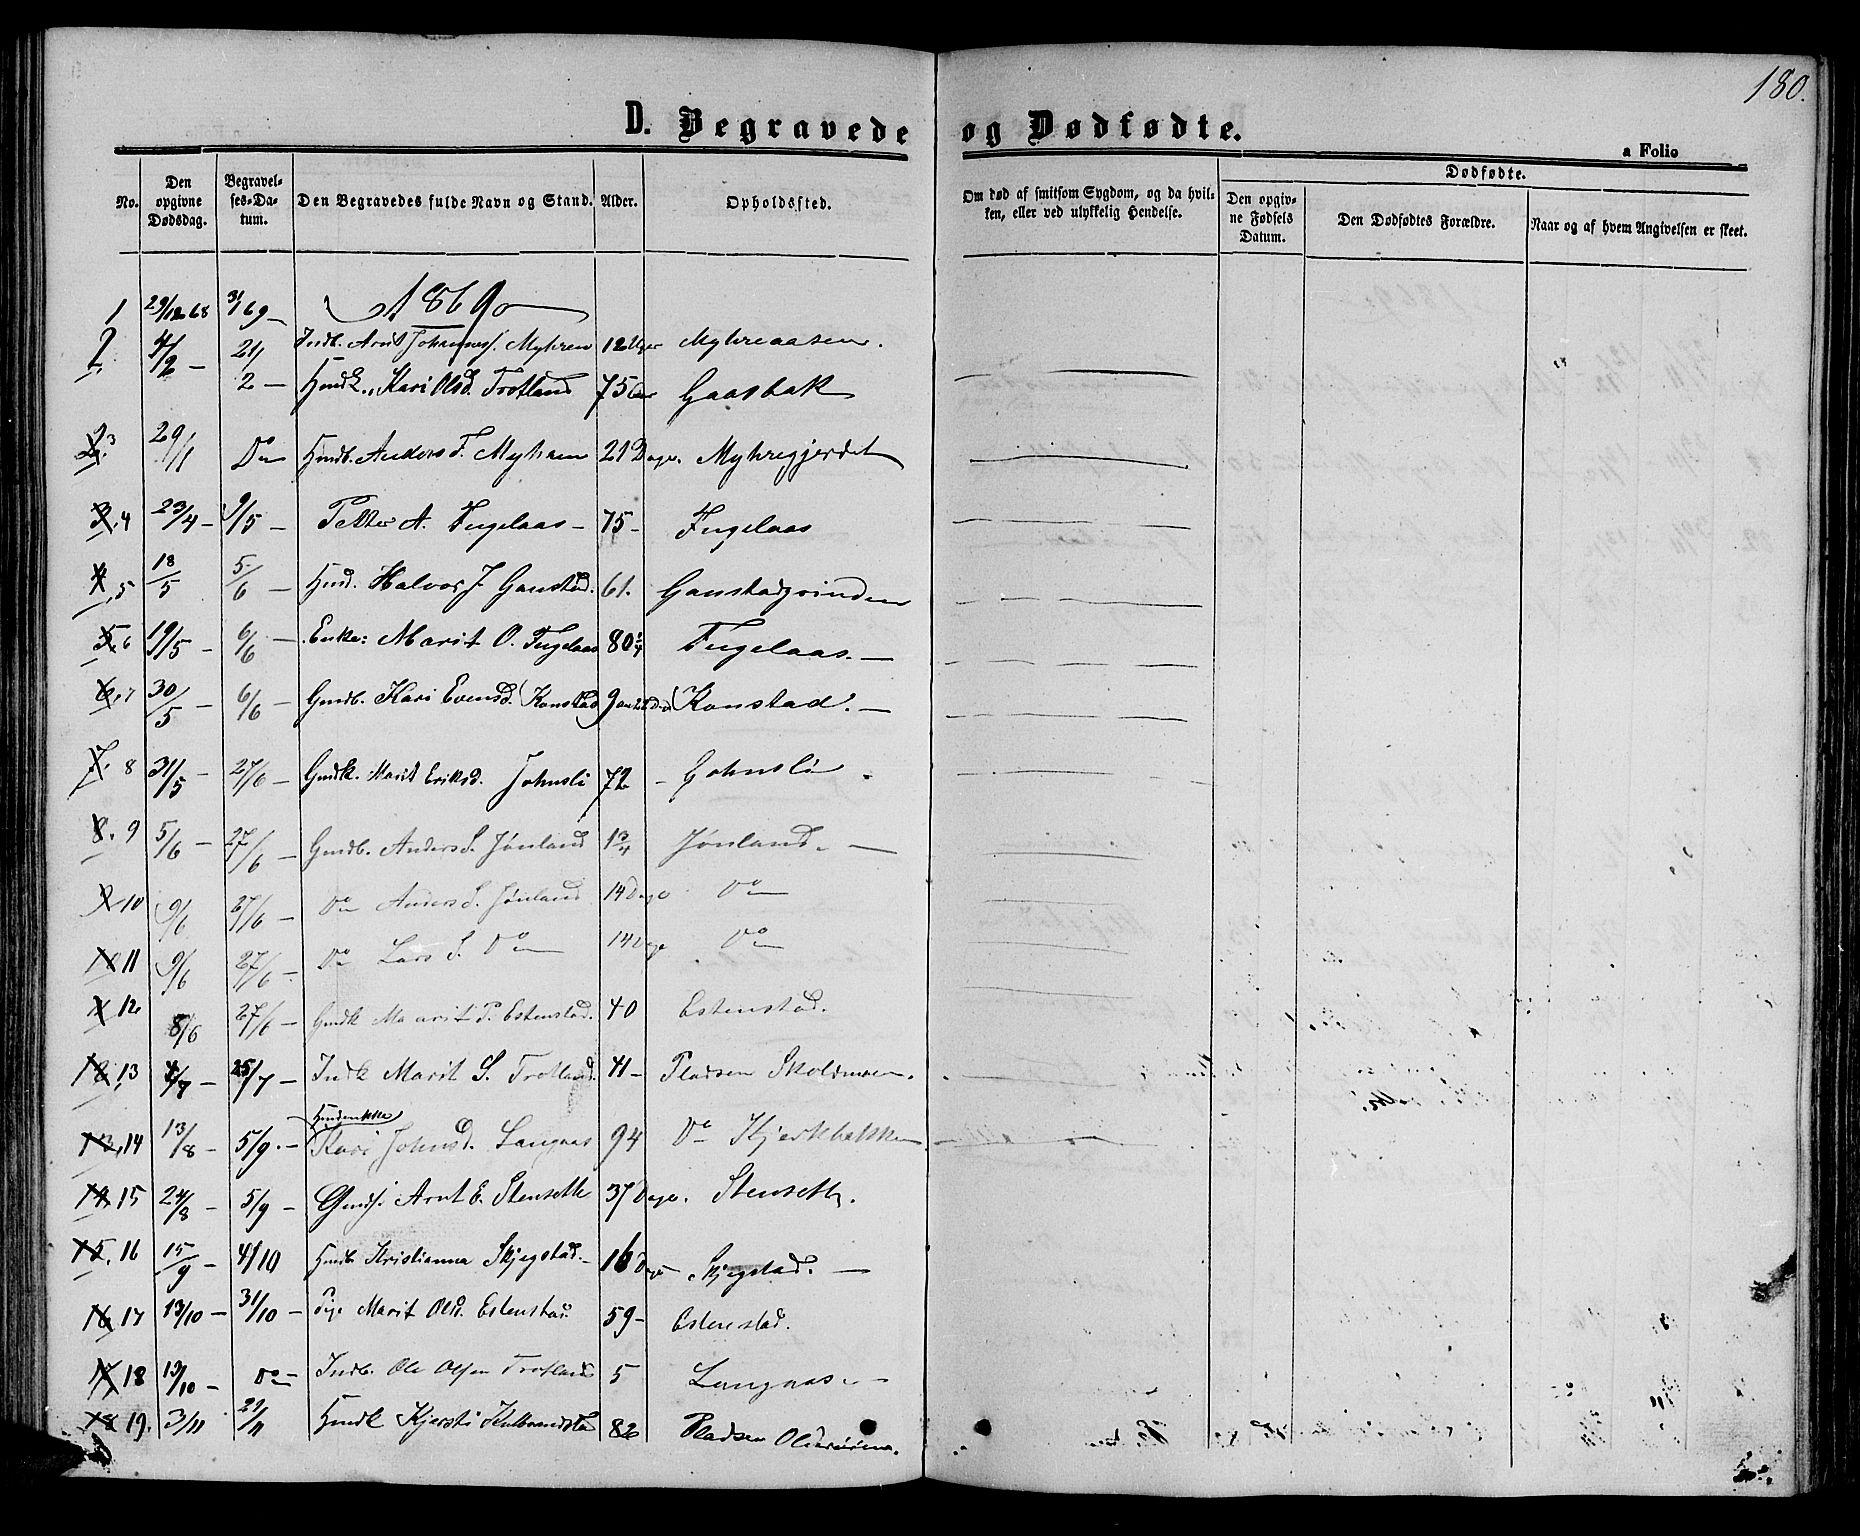 SAT, Ministerialprotokoller, klokkerbøker og fødselsregistre - Sør-Trøndelag, 694/L1131: Klokkerbok nr. 694C03, 1858-1886, s. 180